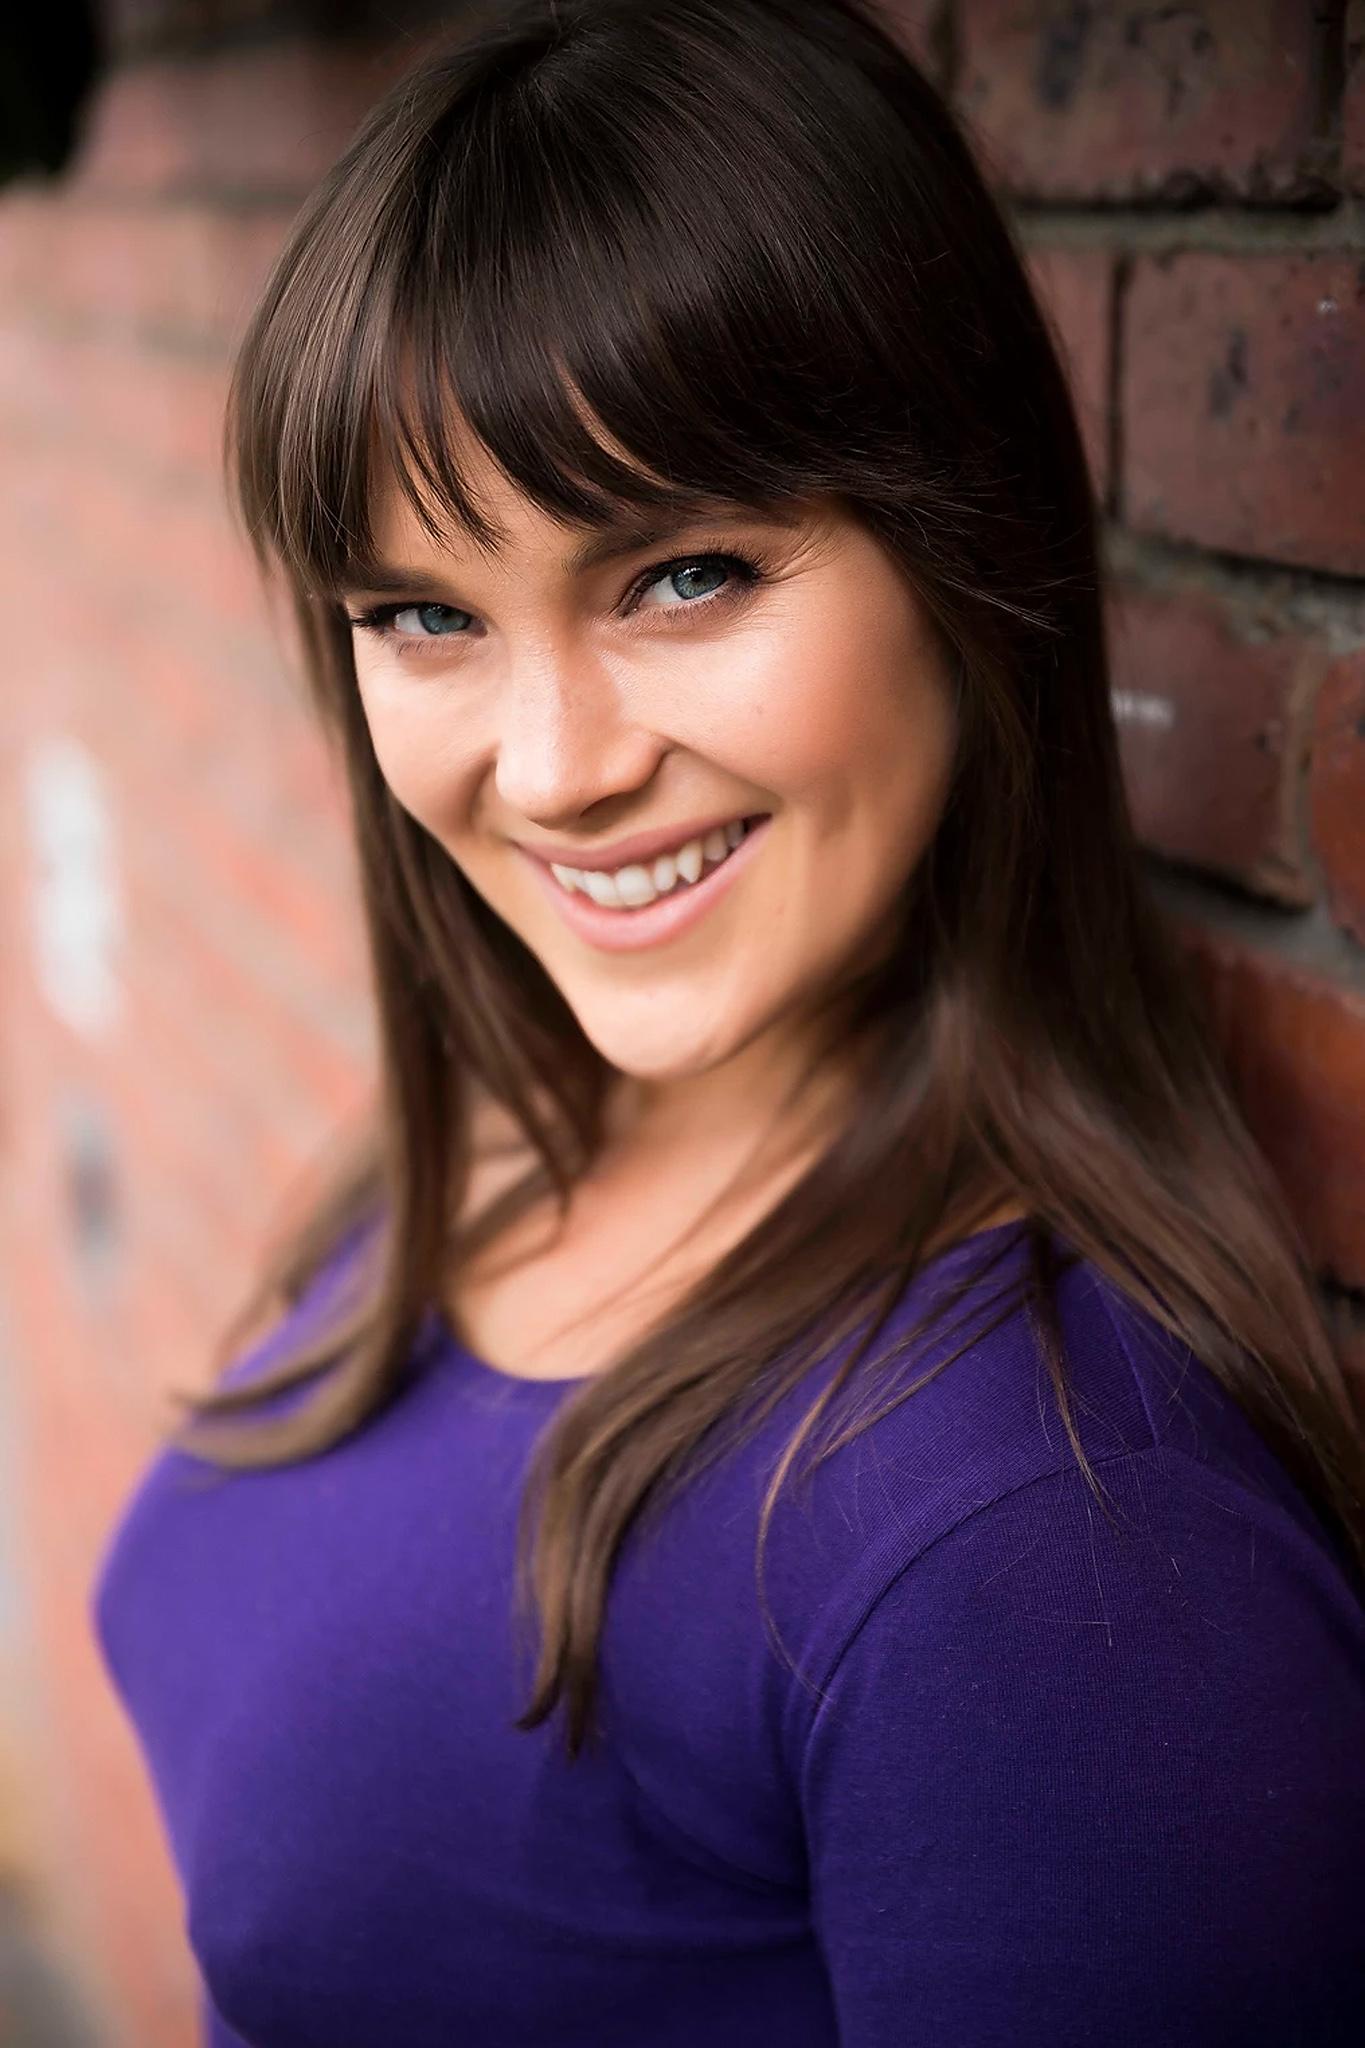 Joana Simmons